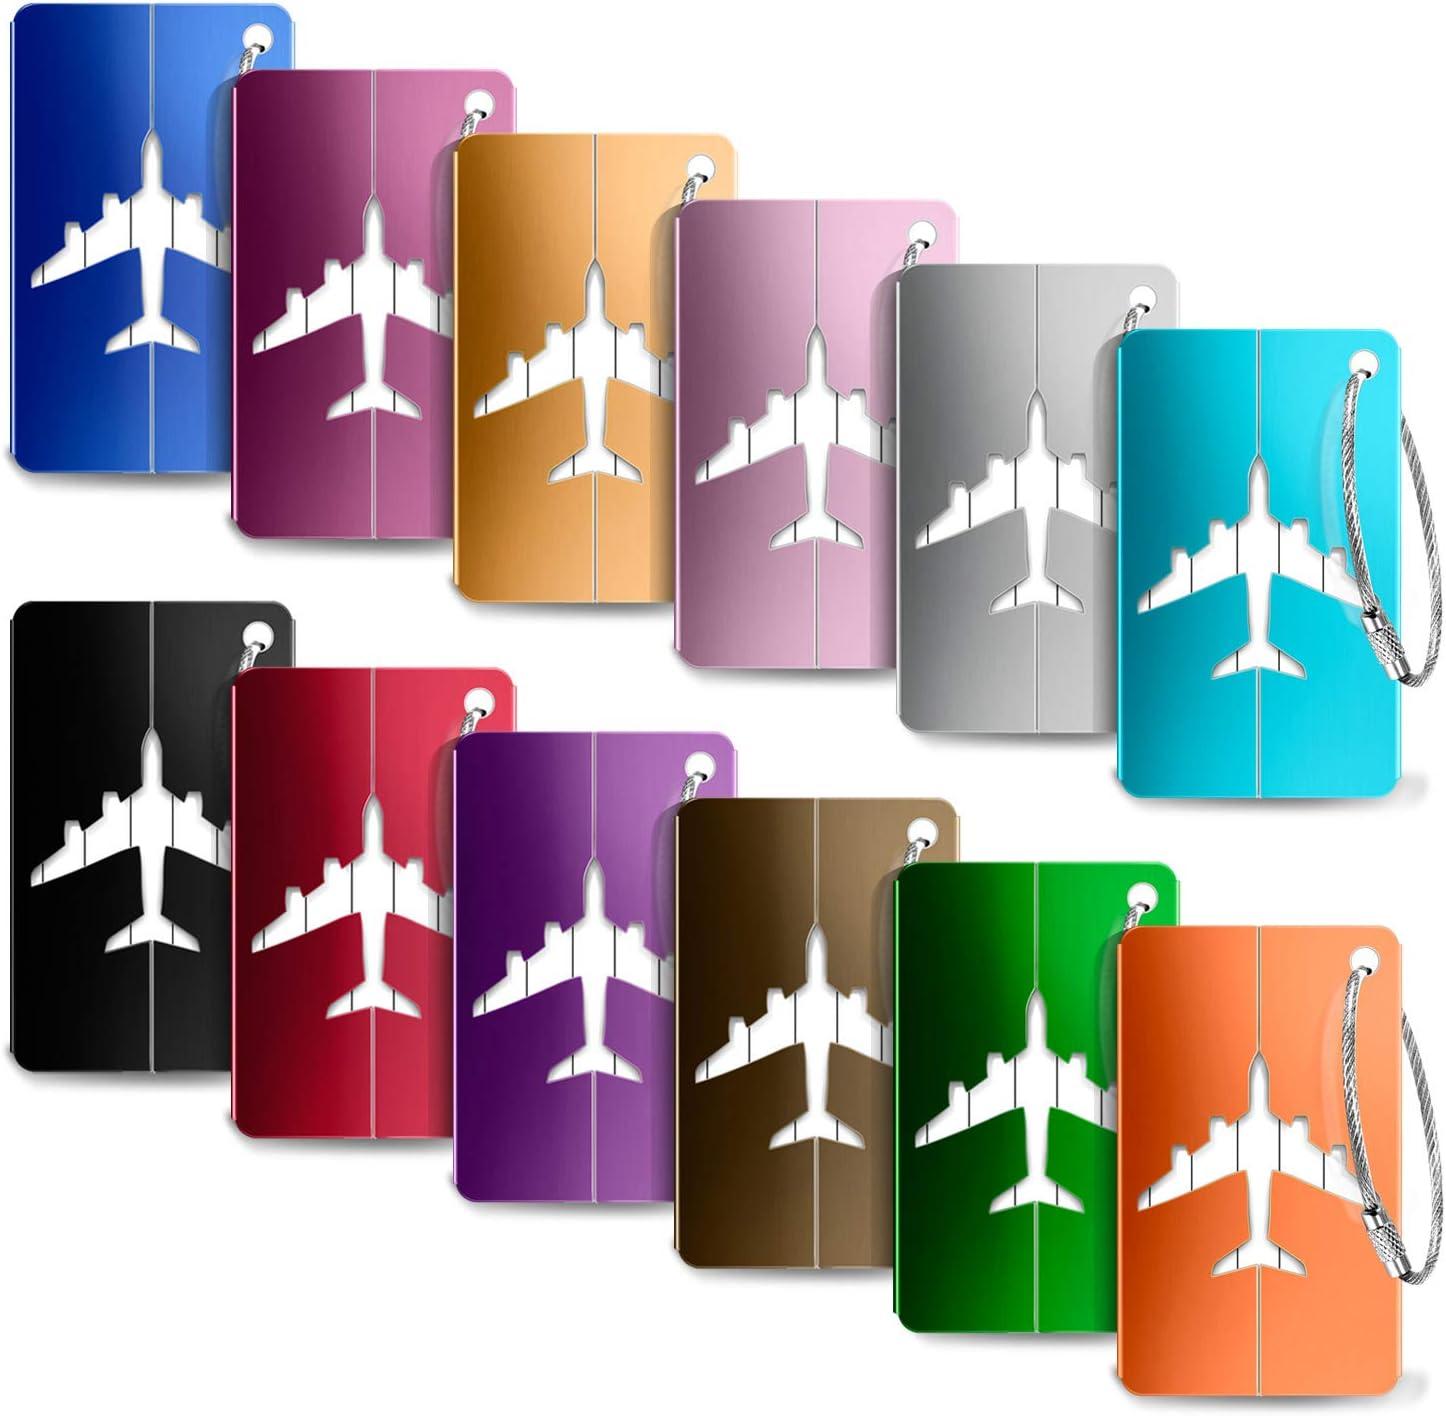 Etiquetas para Equipaje,Yosemy 12pcs identificador de Maletas de Etiqueta de Aluminio Plano patrón Equipaje Bolso ID Tag portatarjetas con Llavero